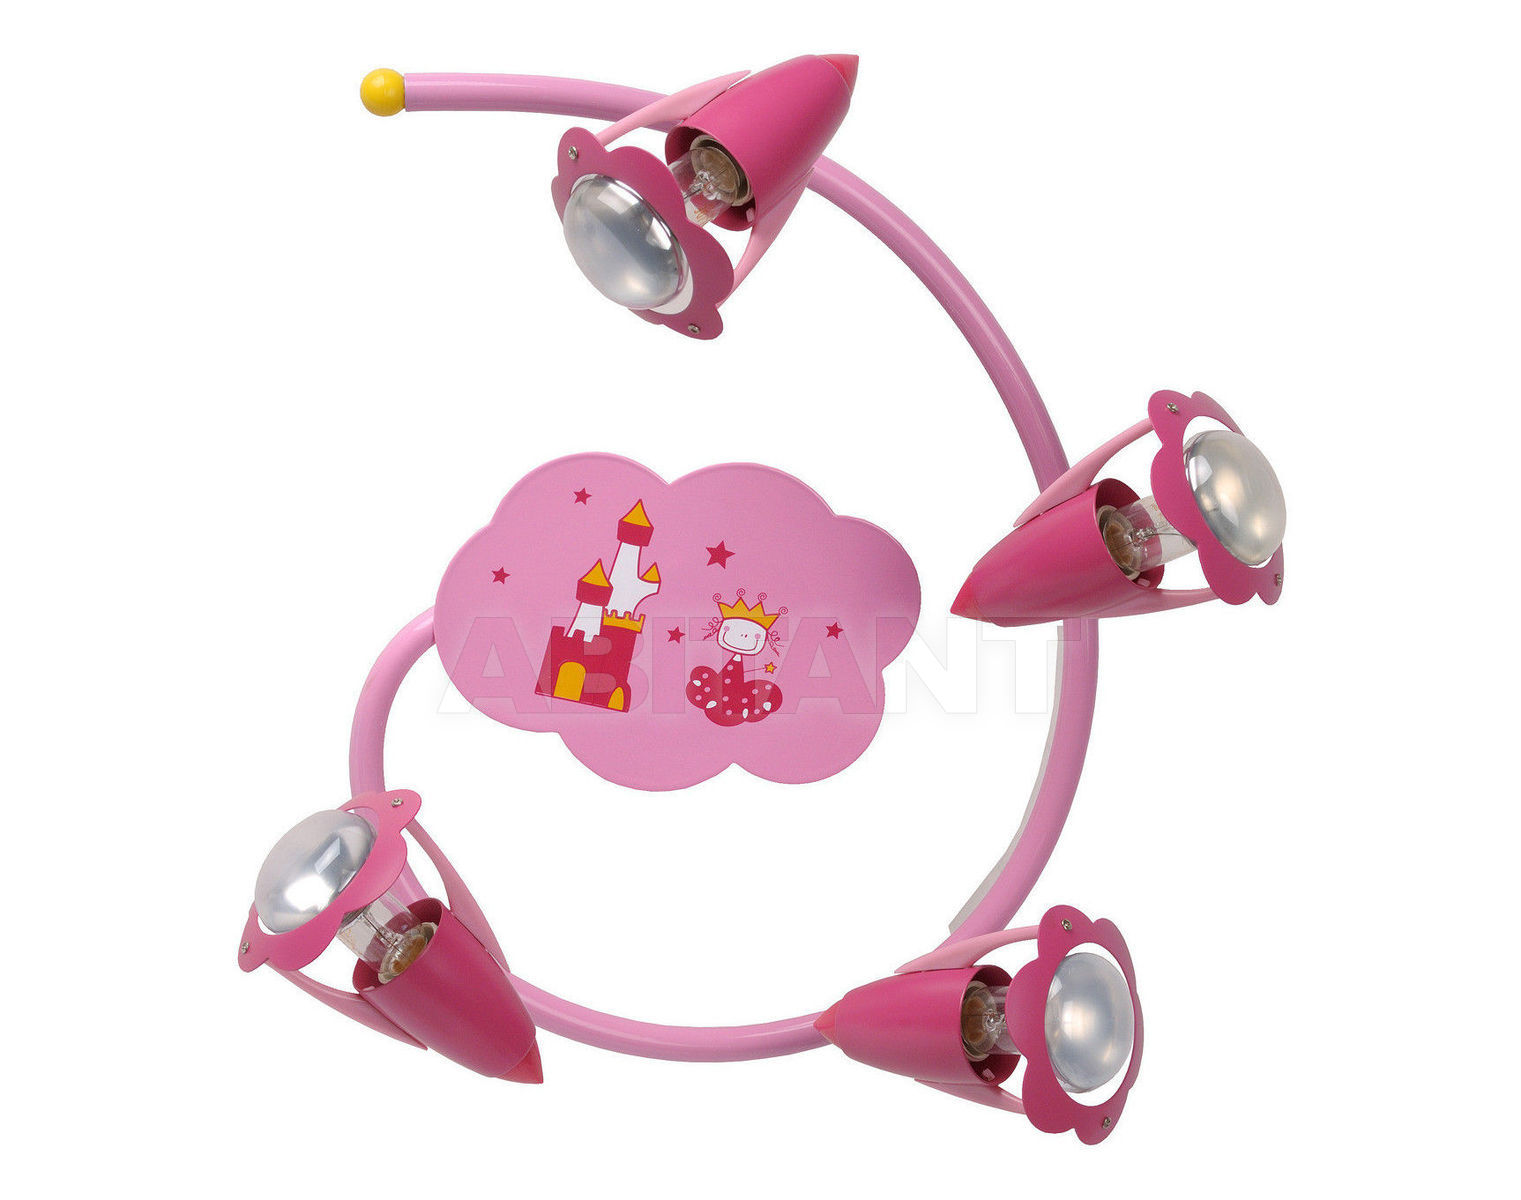 Купить Светильник для детской PINKY Lucide  Wall & Ceiling Lights 77173/34/66